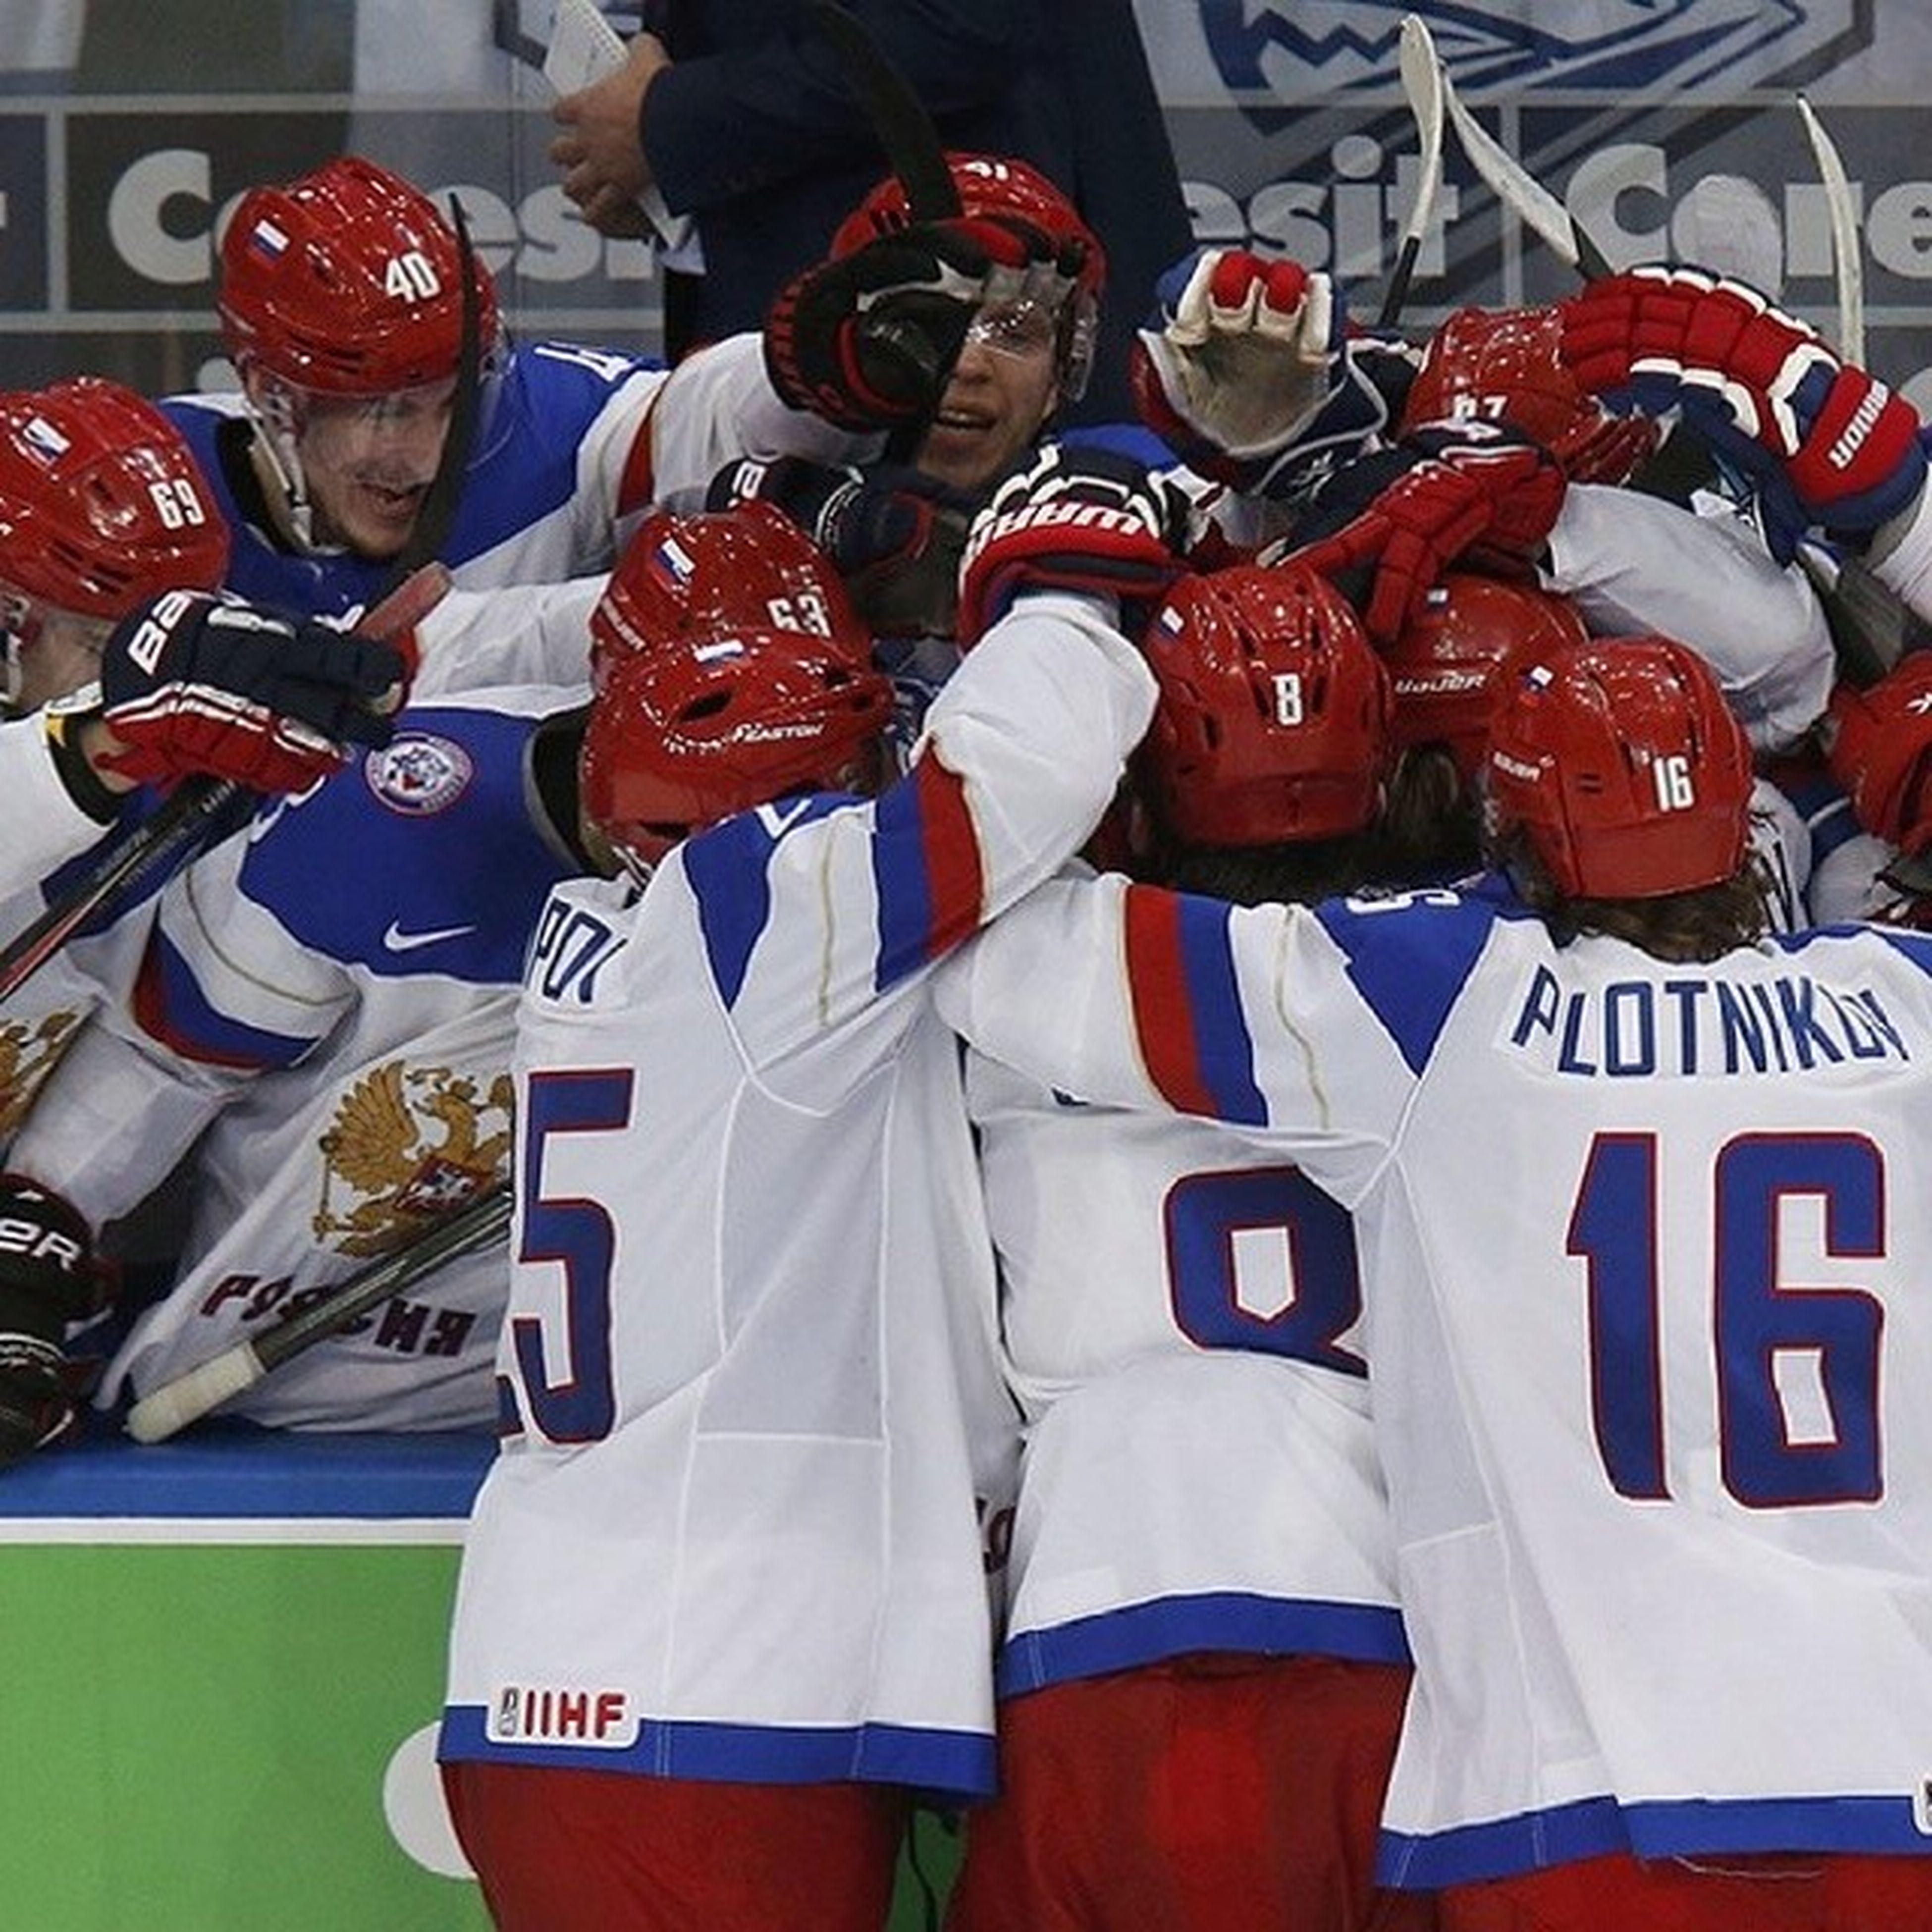 Бесценная победа !!! Спасибо ребята! Вы ЛУЧШИЕ!!! ЧемпионыМира Самыелучшие хоккей2014